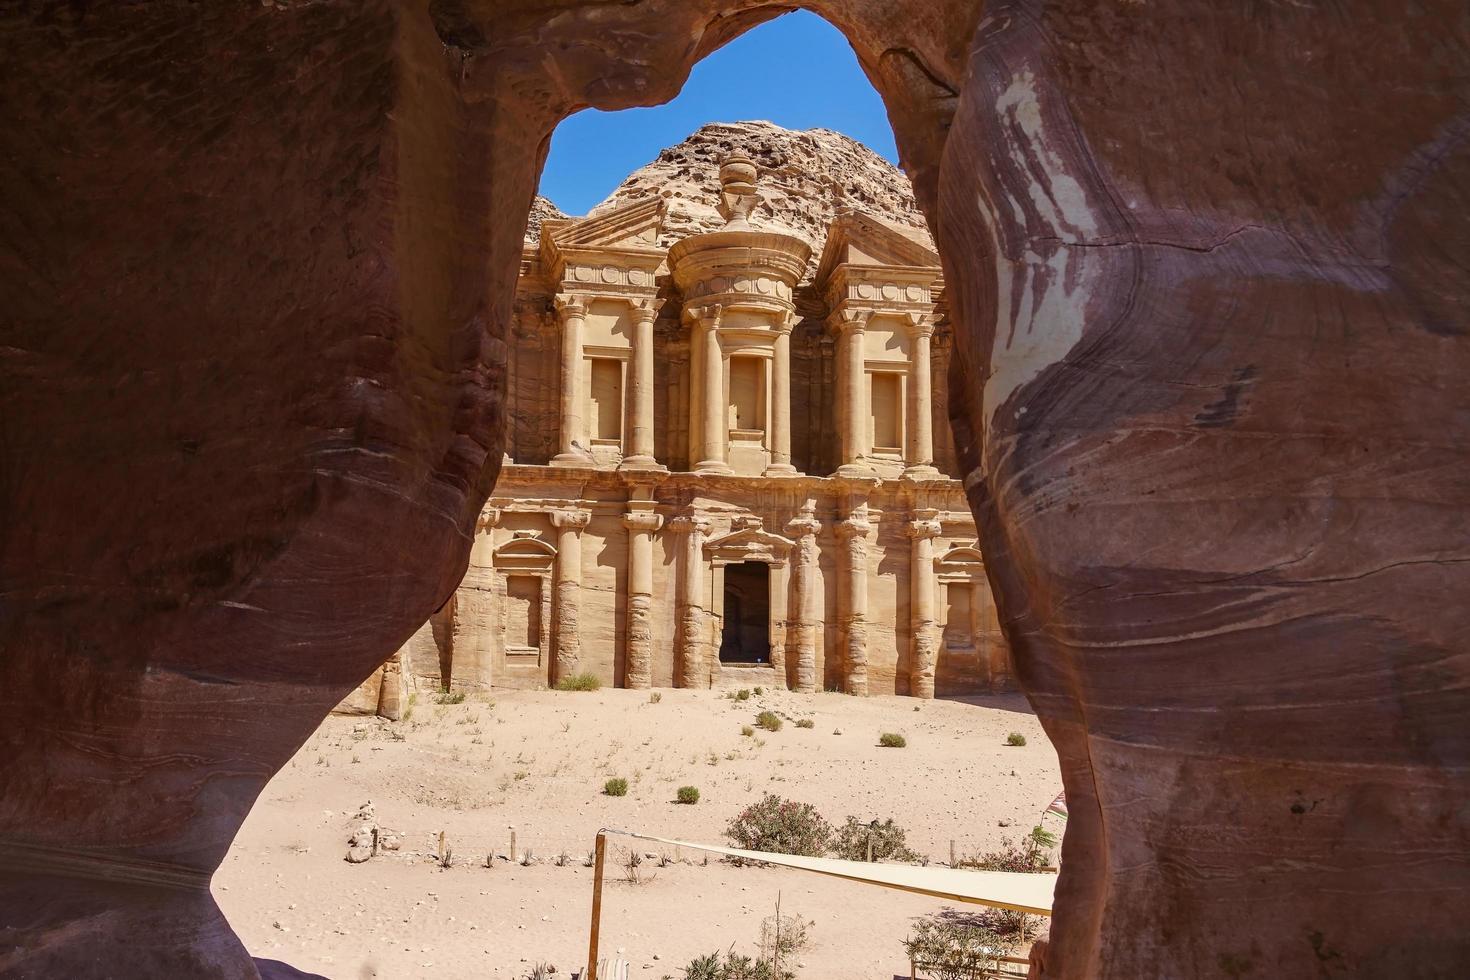 Blick aus einer Höhle des Ad Deir, Kloster in der antiken Stadt Petra, Jordanien foto